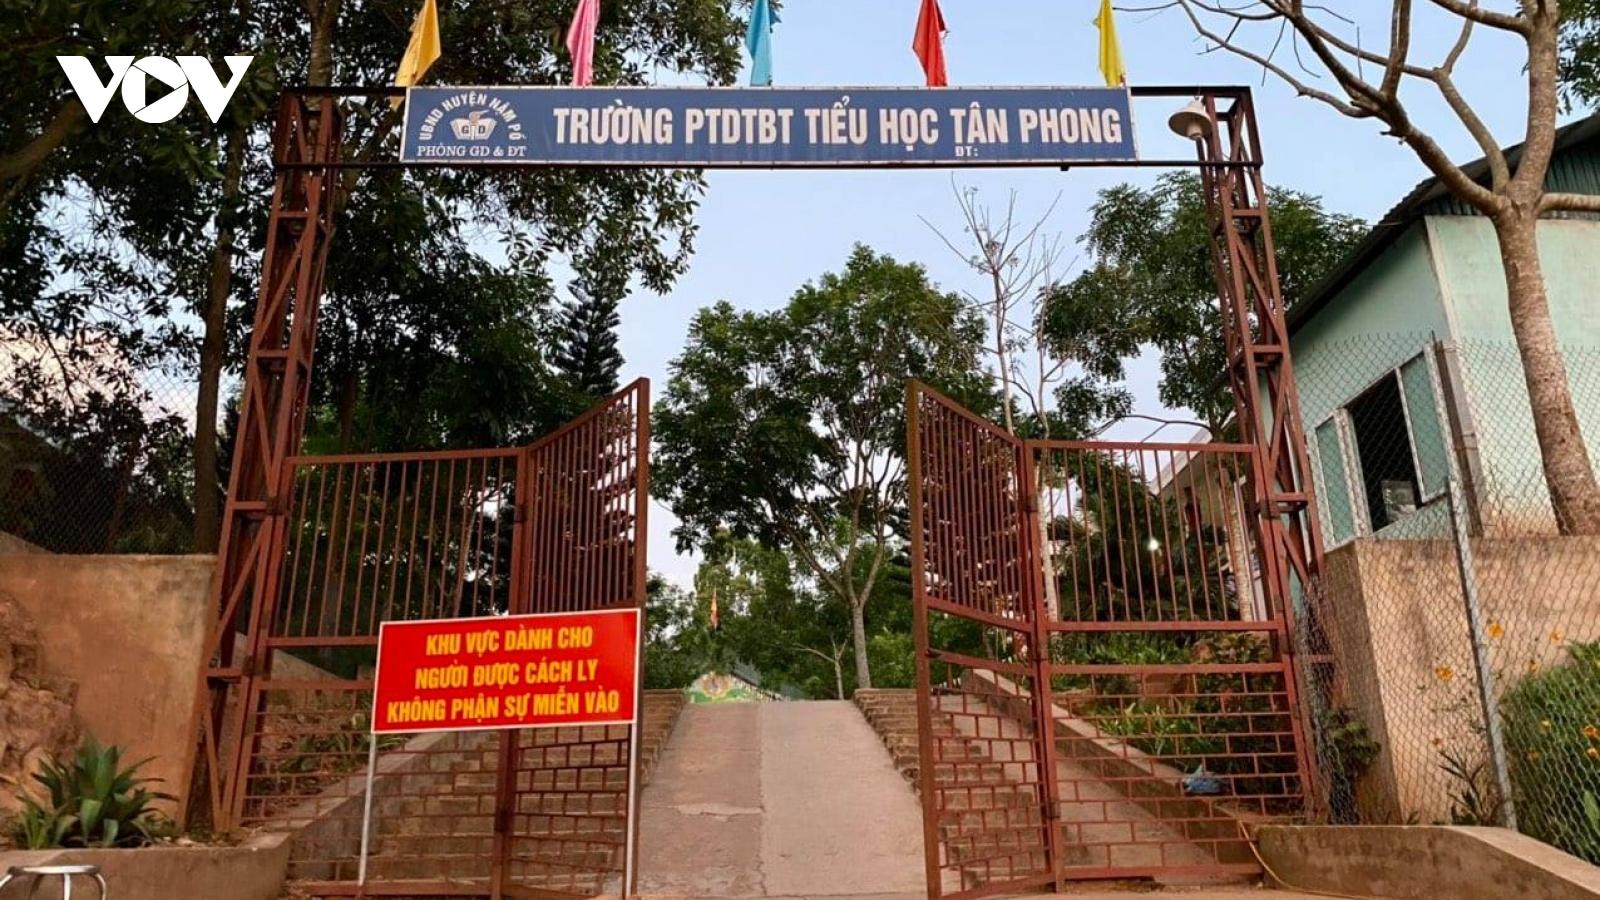 Đình chỉ 3 cán bộ liên quan đến chùm ca COVID-19 tại xã Si Pa Phìn, Điện Biên